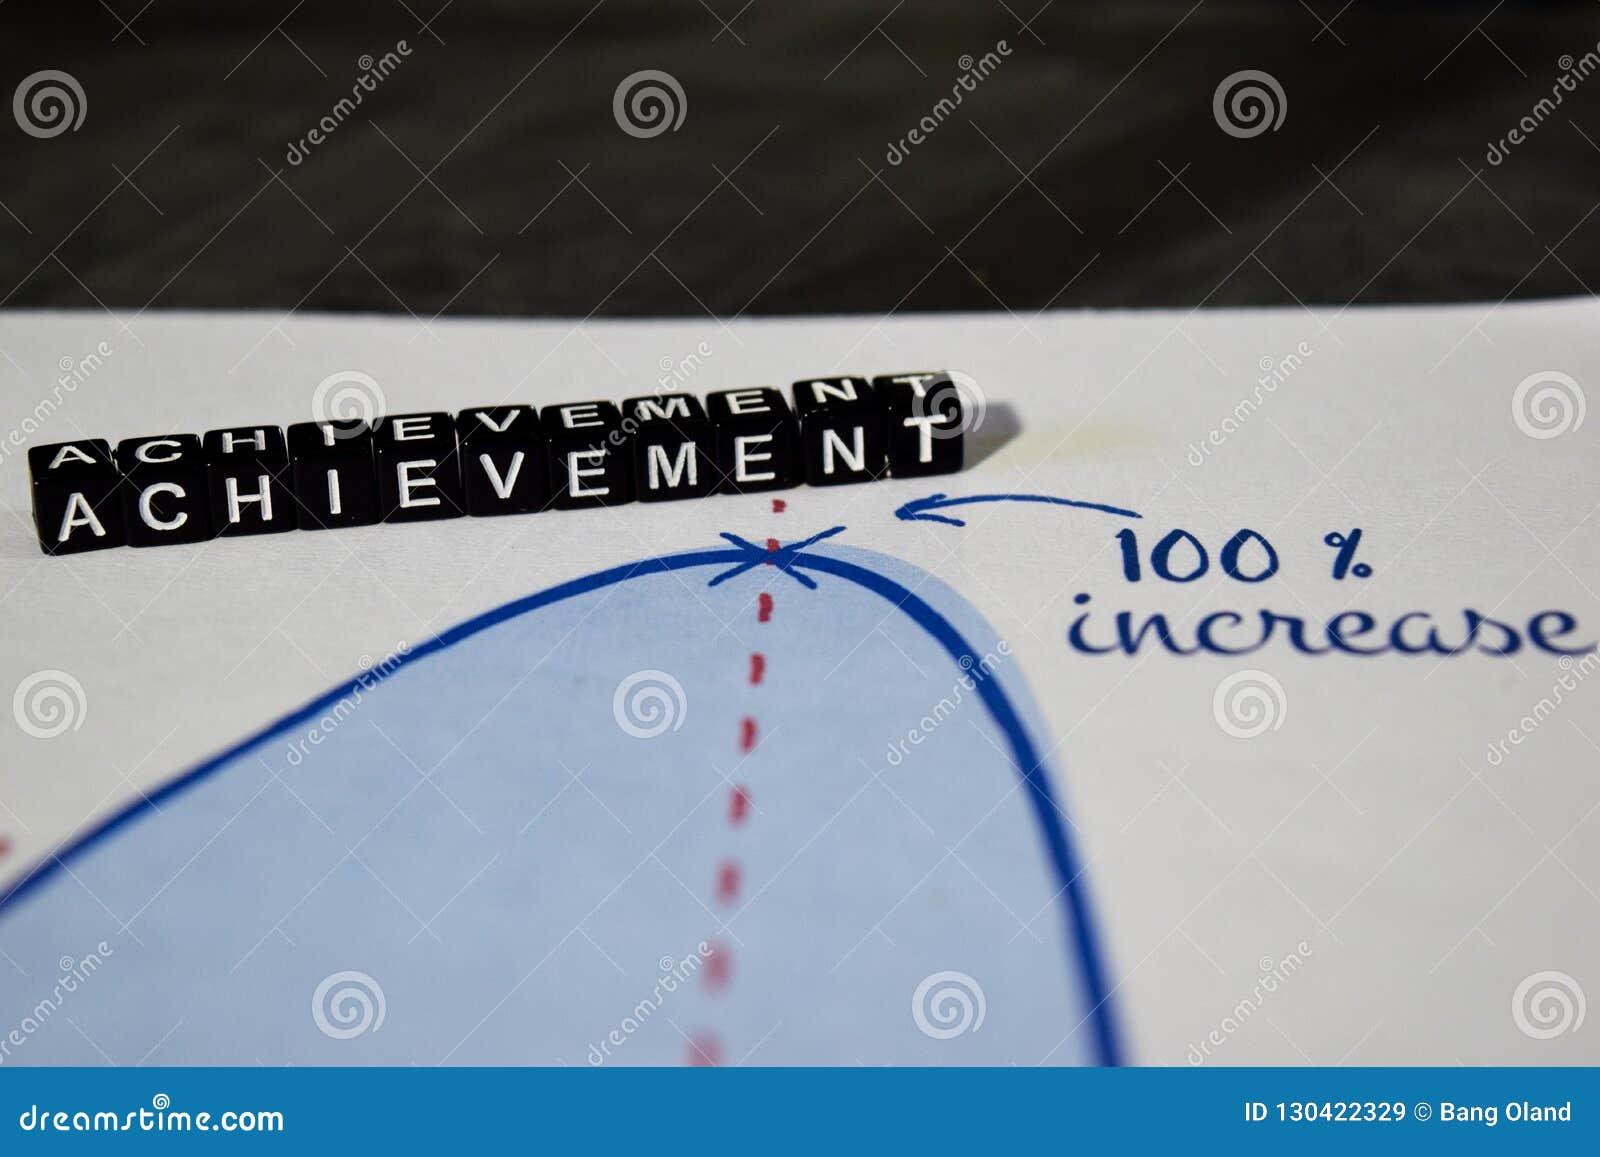 Achievement on wooden blocks. Goal Target Success Accomplishment Concept